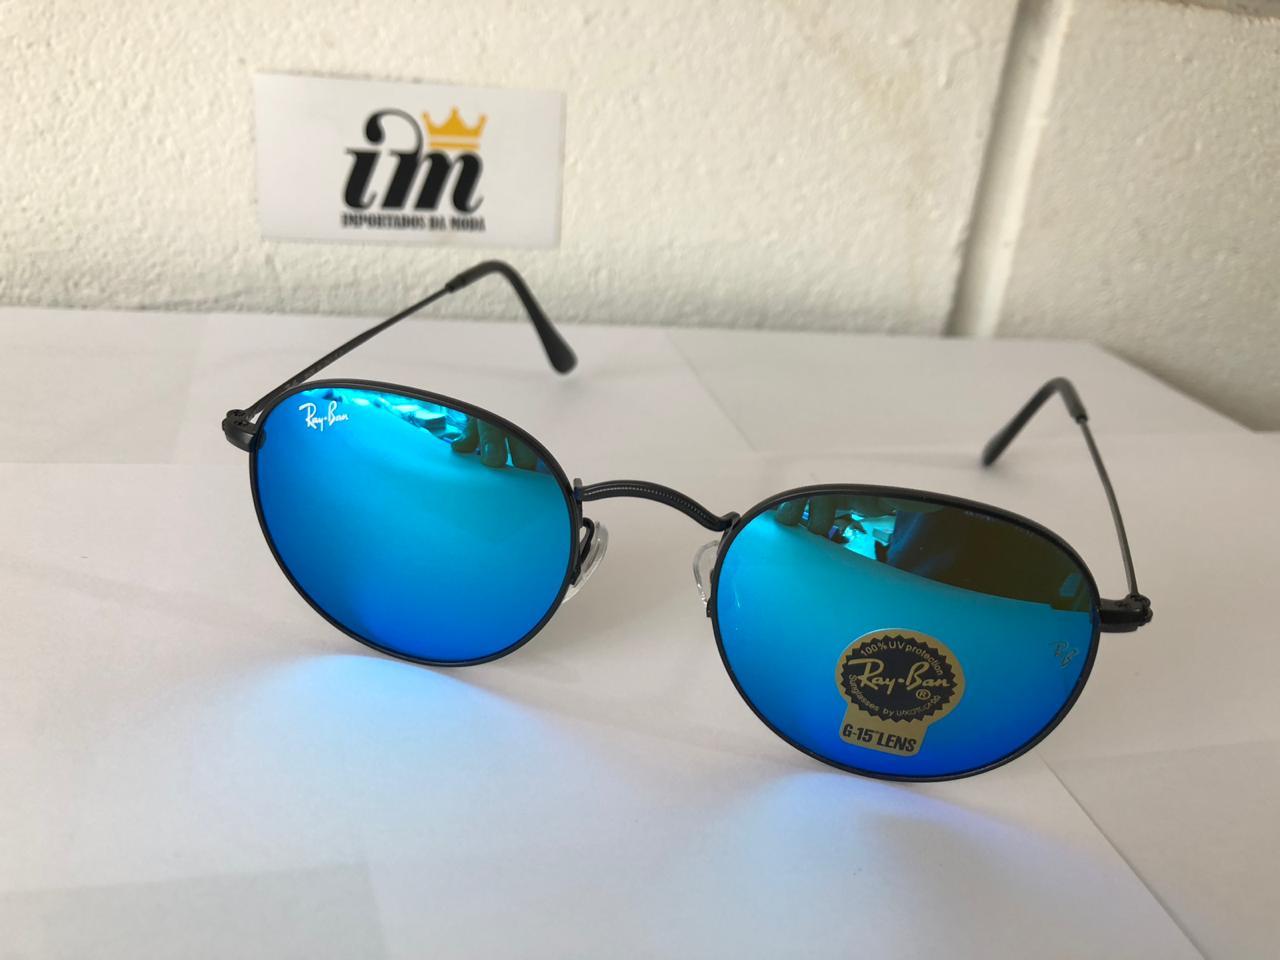 0c8525929 Fotos reais e detalhadas do Óculos de Sol Ray Ban Round Azul Replica  Primeira Linha